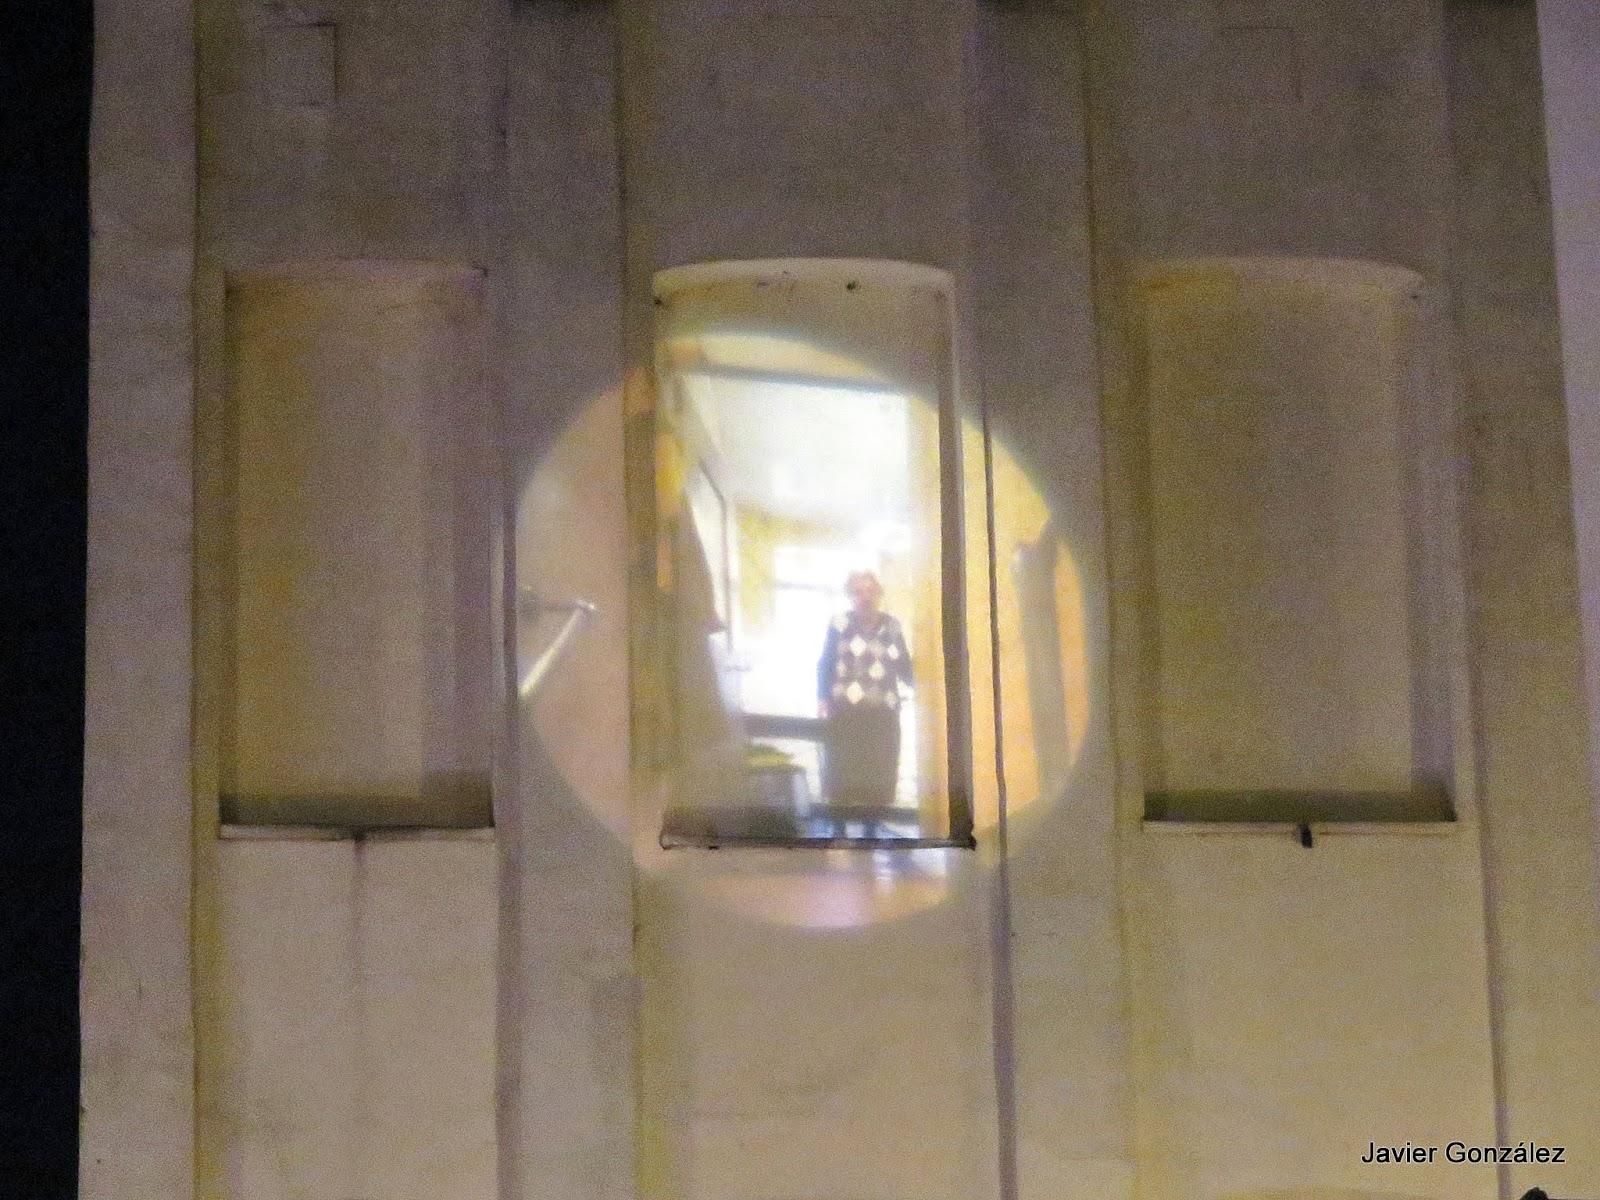 Trampantojo proyectado en la pared. Bruselas. Mural